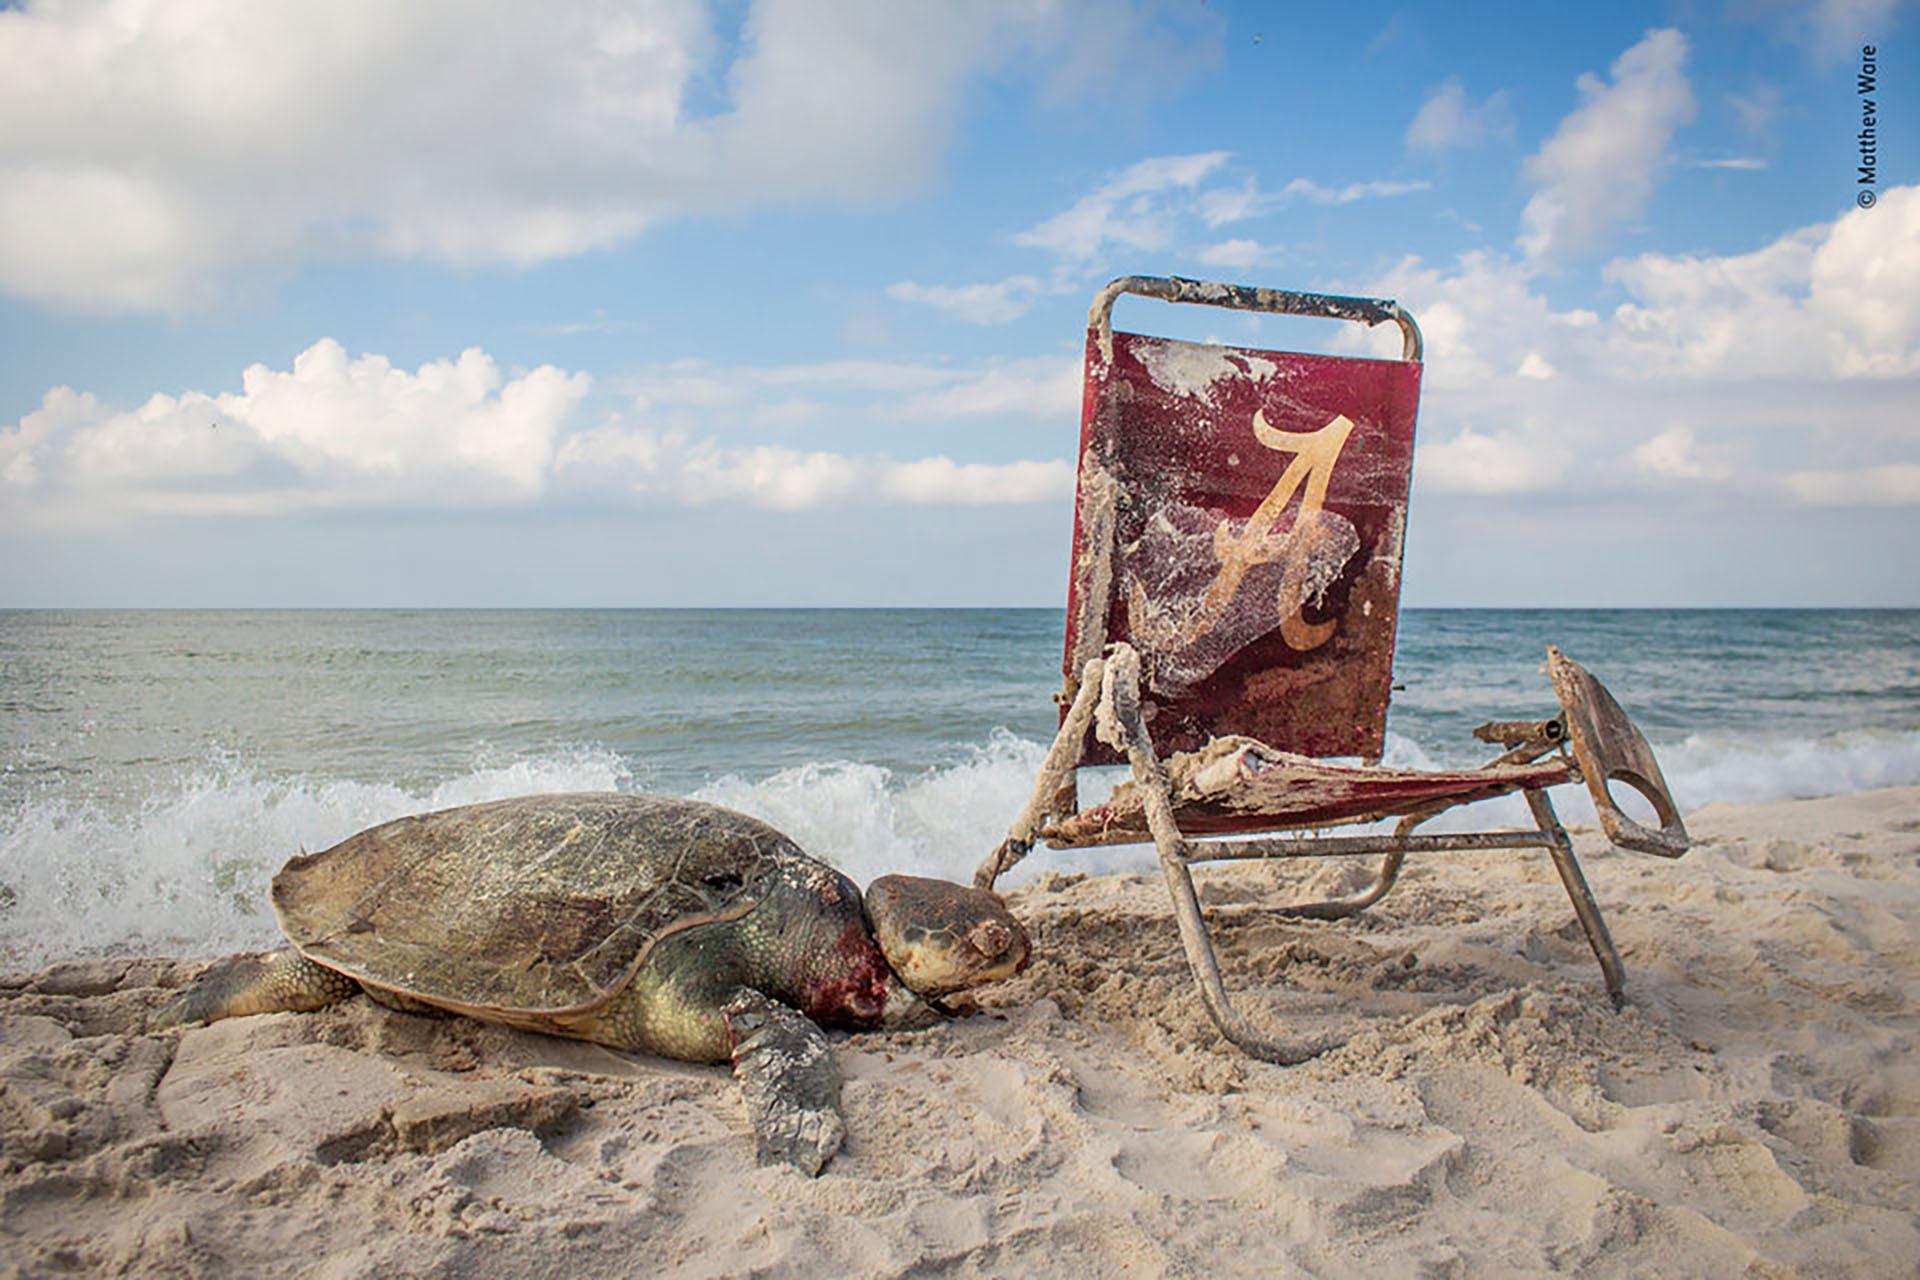 Una tortuga lora es asfixiada hasta la muerte por una cuerda que estaba atada a una silla de playa en las orillas del Refugio Nacional de Vida Silvestre Bon Secour de Alabama. (Matthew Ware/Fotógrafo de la vida silvestre del año)